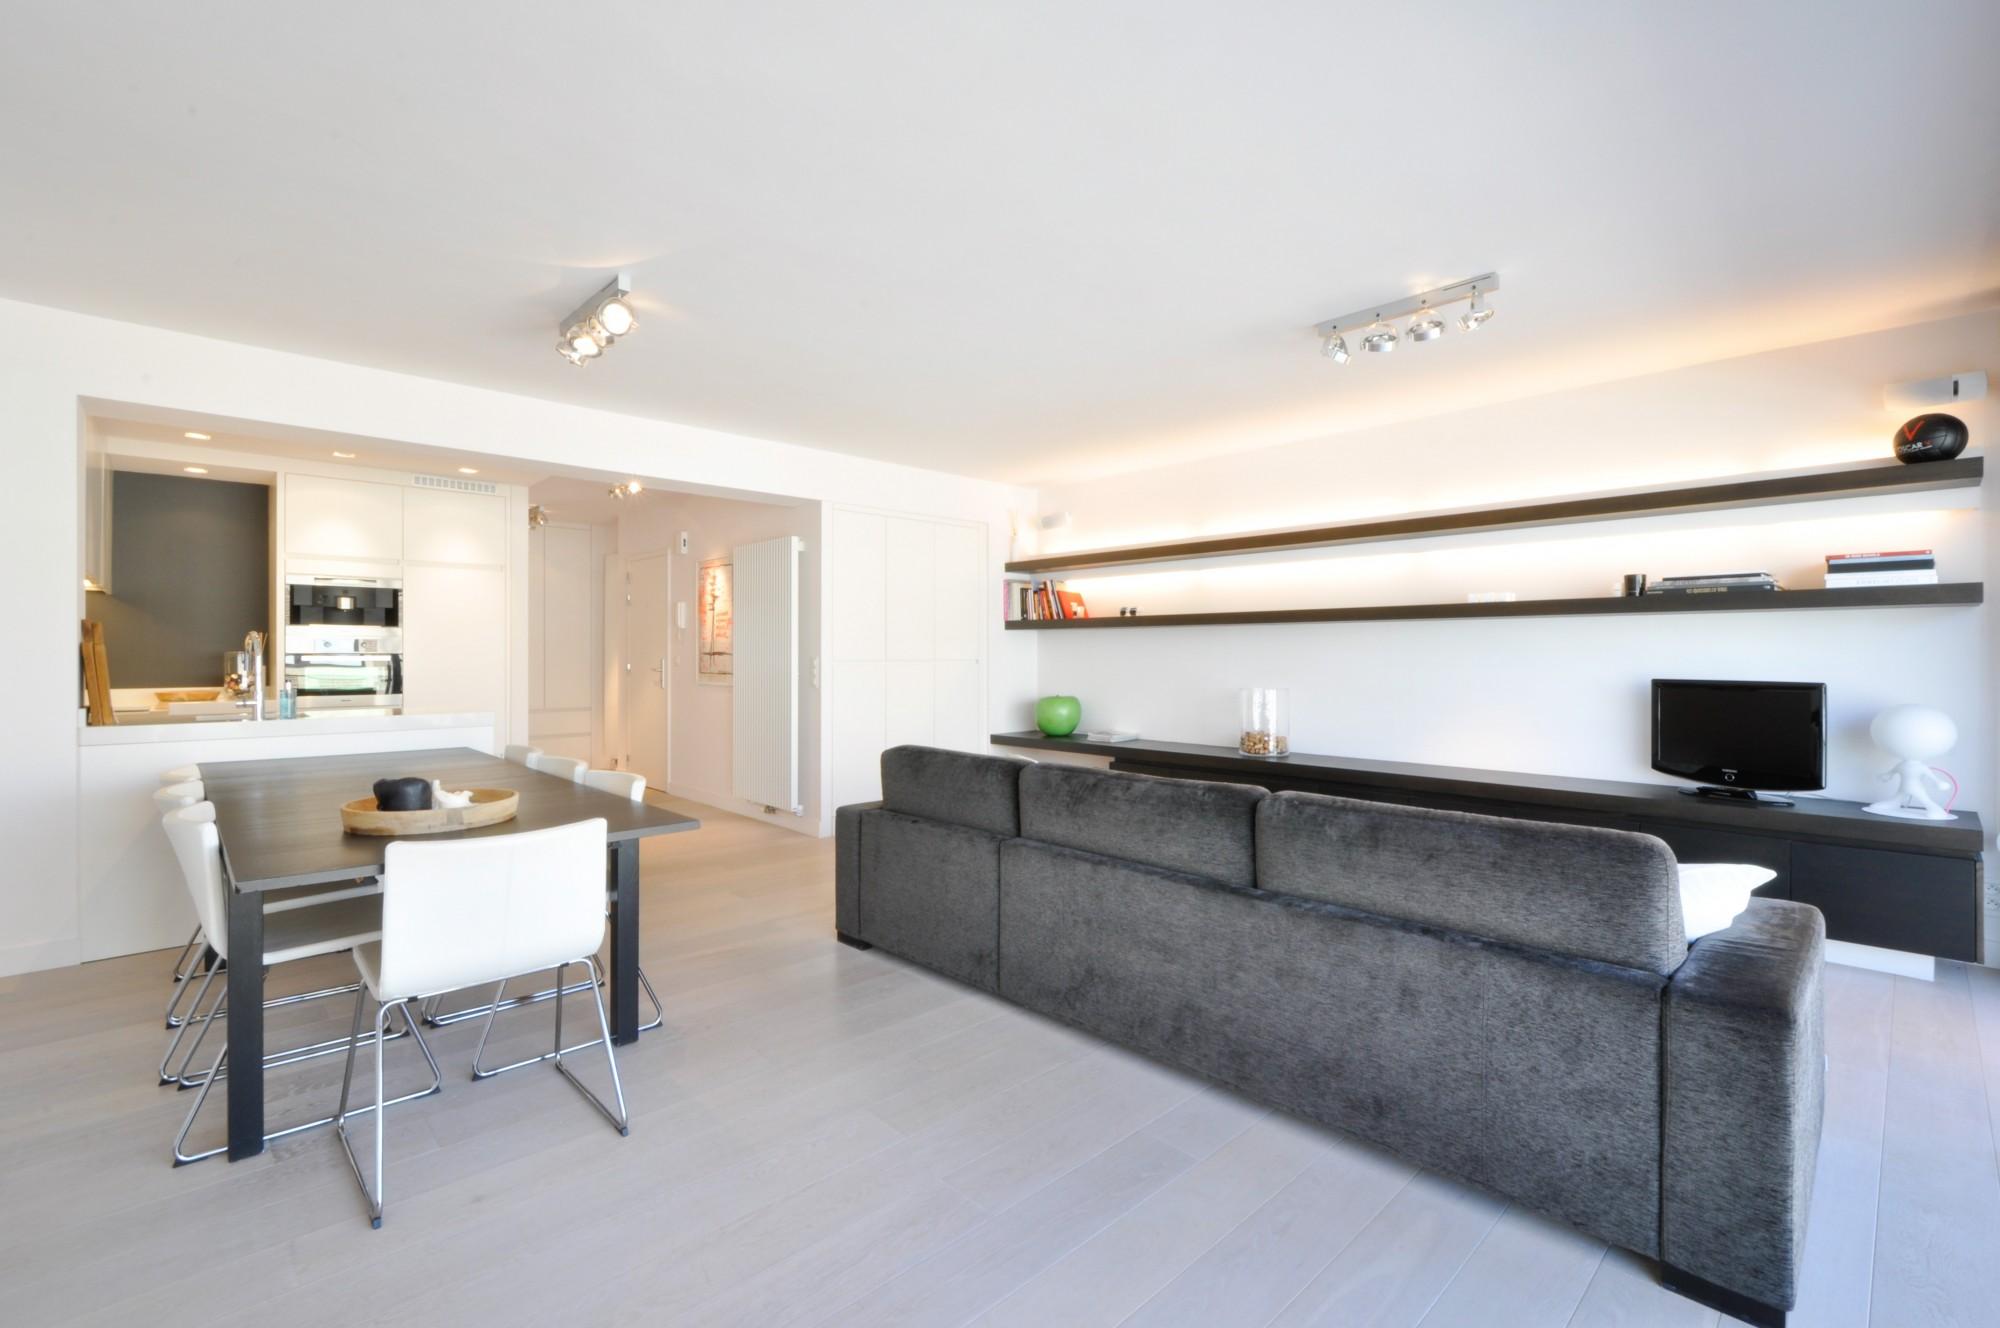 Verkoop appartement t2 f2 knokke heist dumortierlaan for Huizenverkoop site